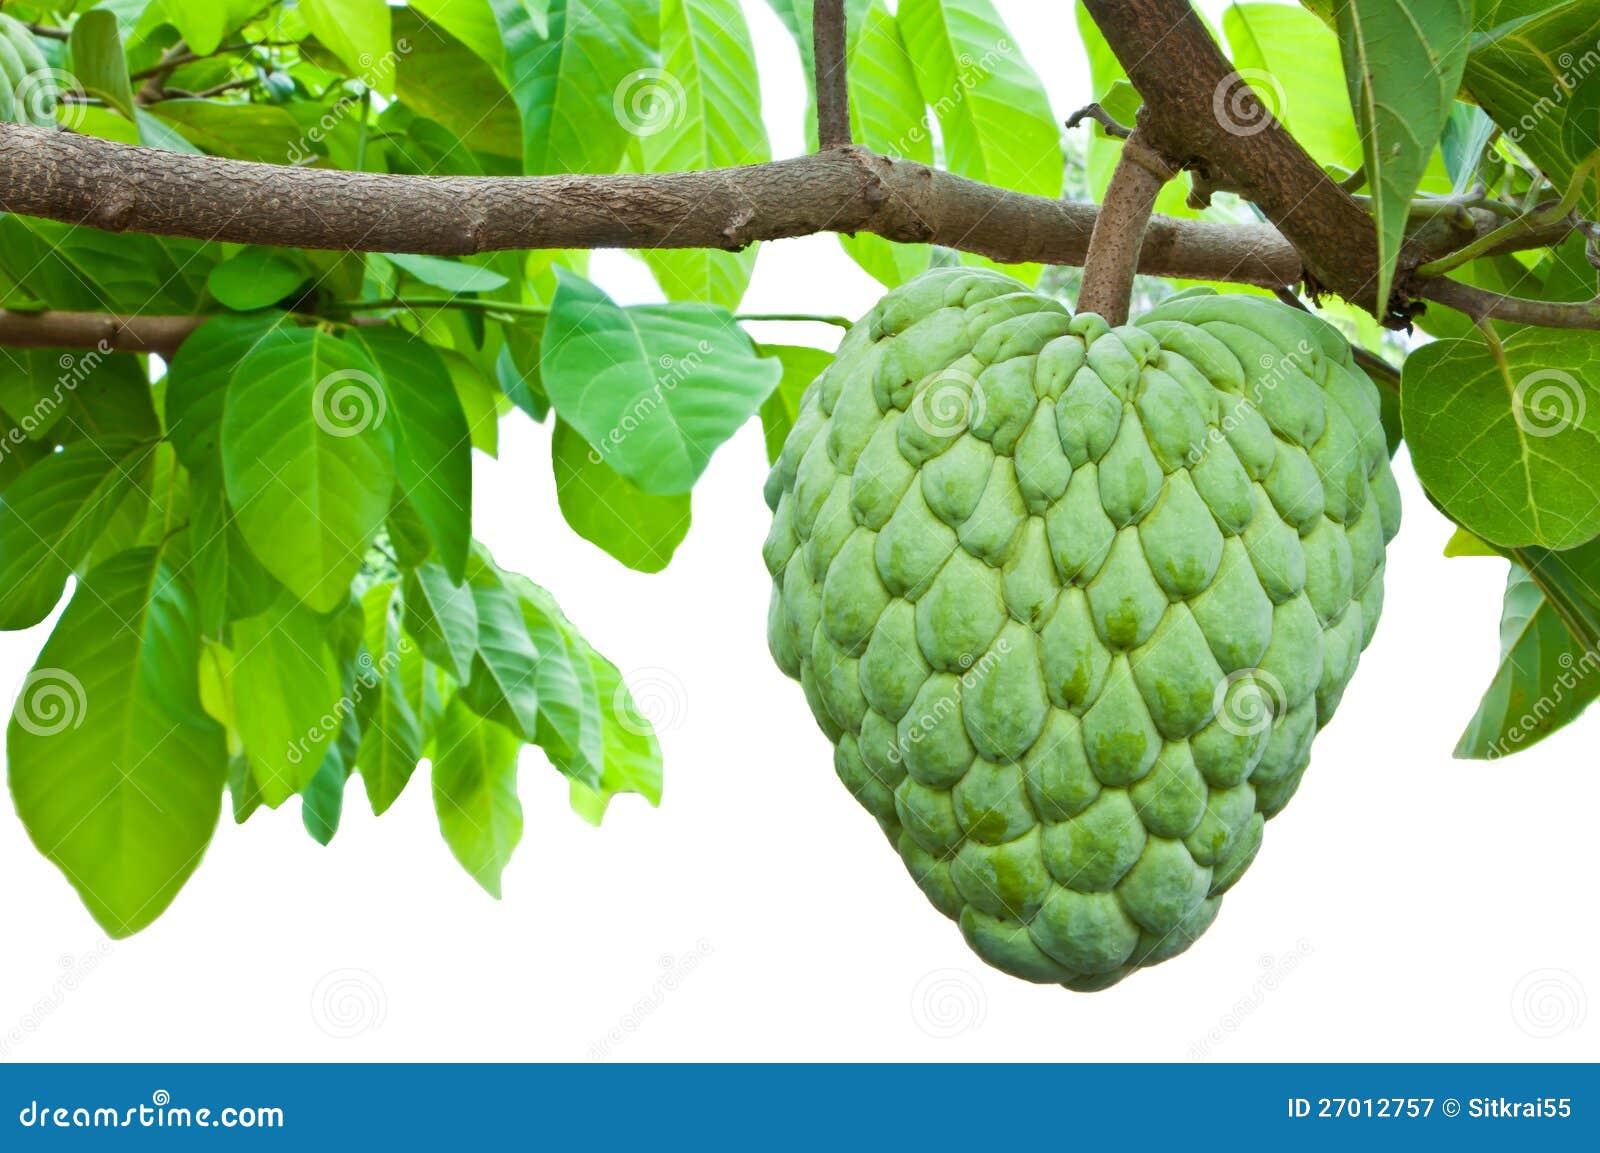 La pomme cannelle est sur l 39 arbre photographie stock libre de droits image 27012757 - Arbre de l avocat ...